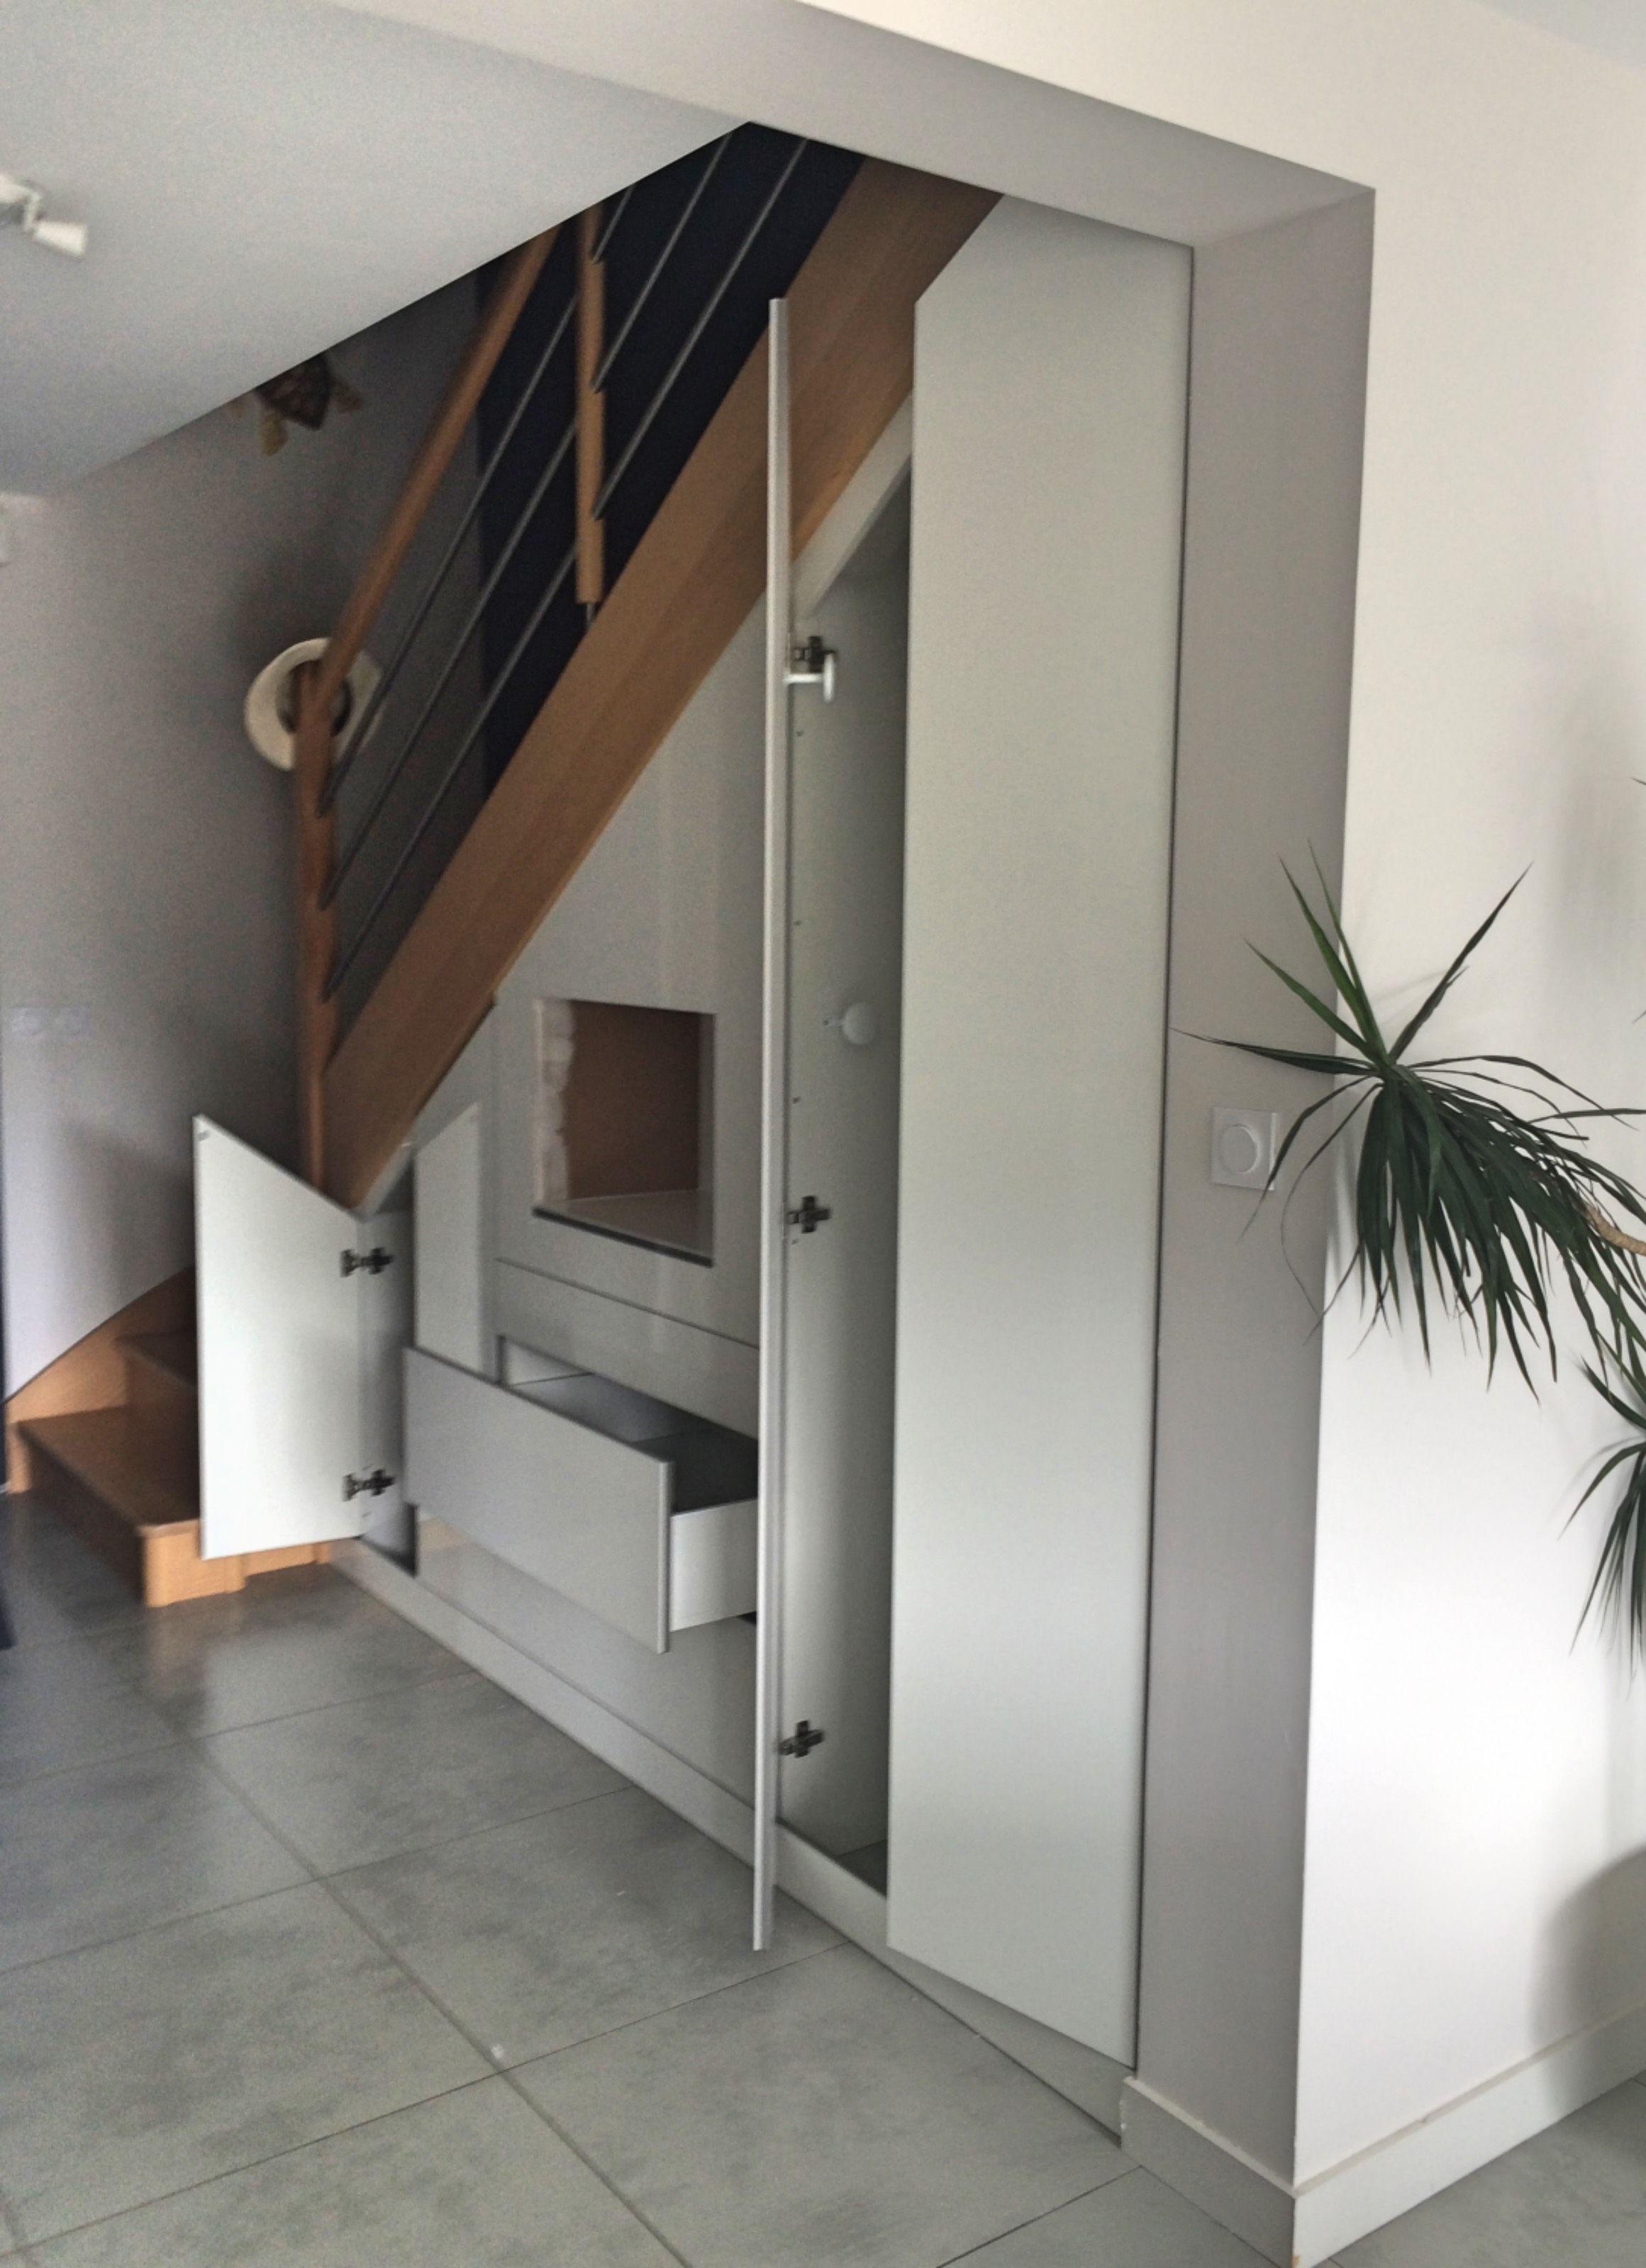 Amenagement Sous Escalier Avec Images Amenagement Sous Escalier